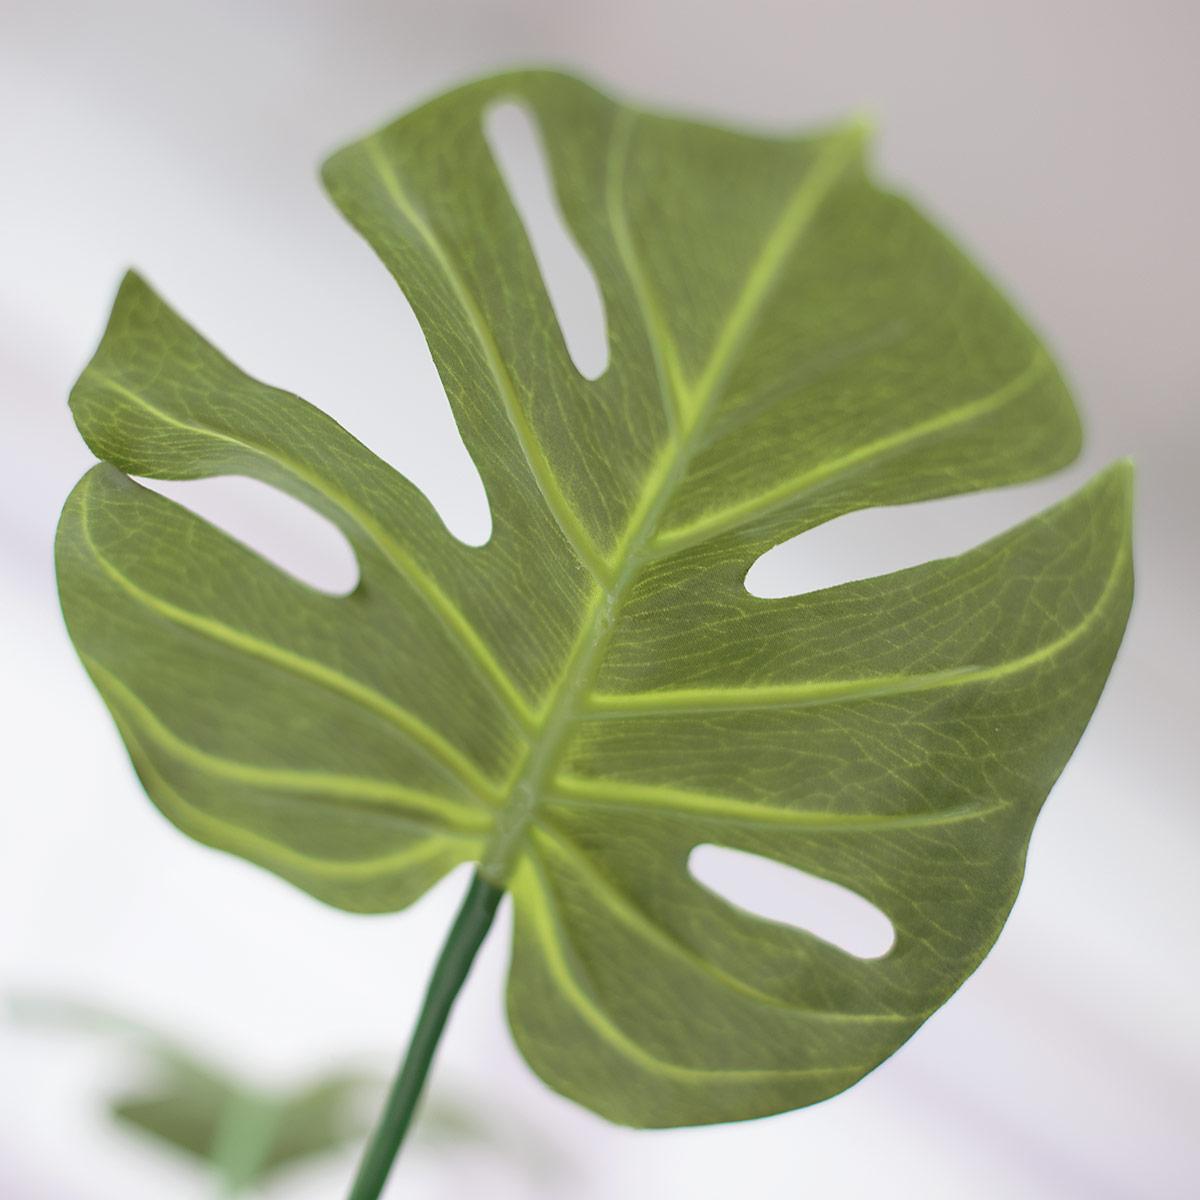 잎사귀 뒷면 디테일 이미지